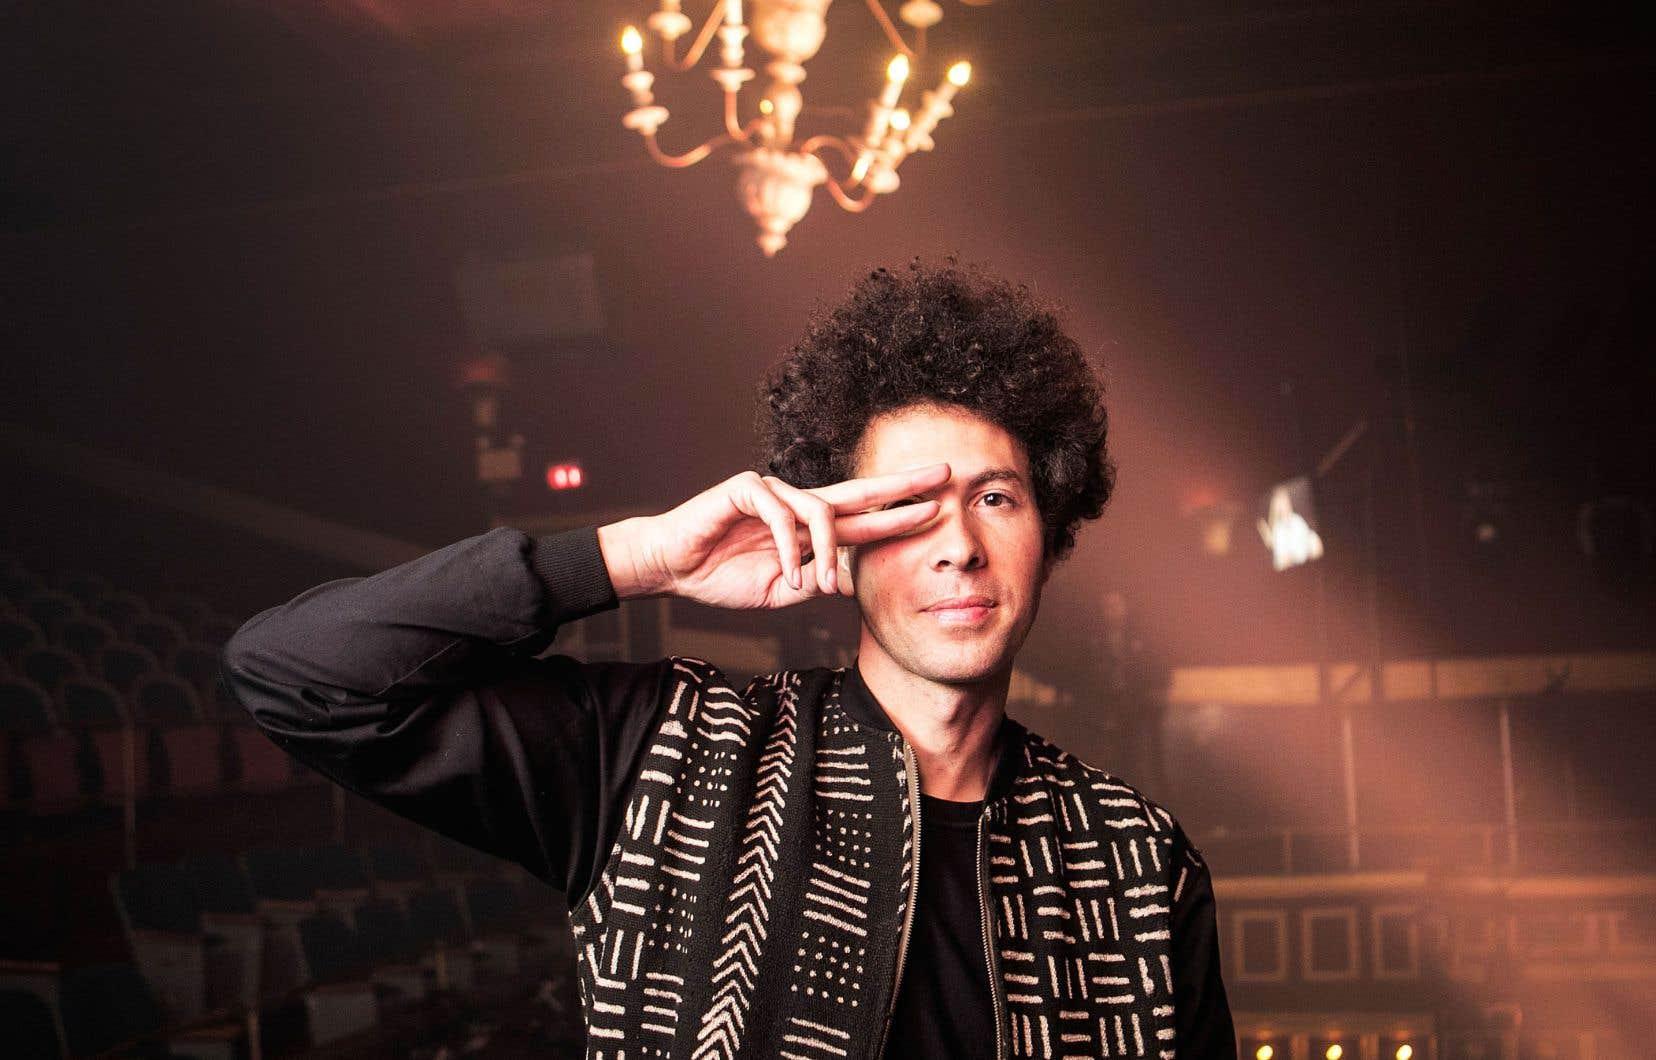 La presse, française et belge, a craqué pour les chansons pop et ensoleillées du premier album de Témé Tan.